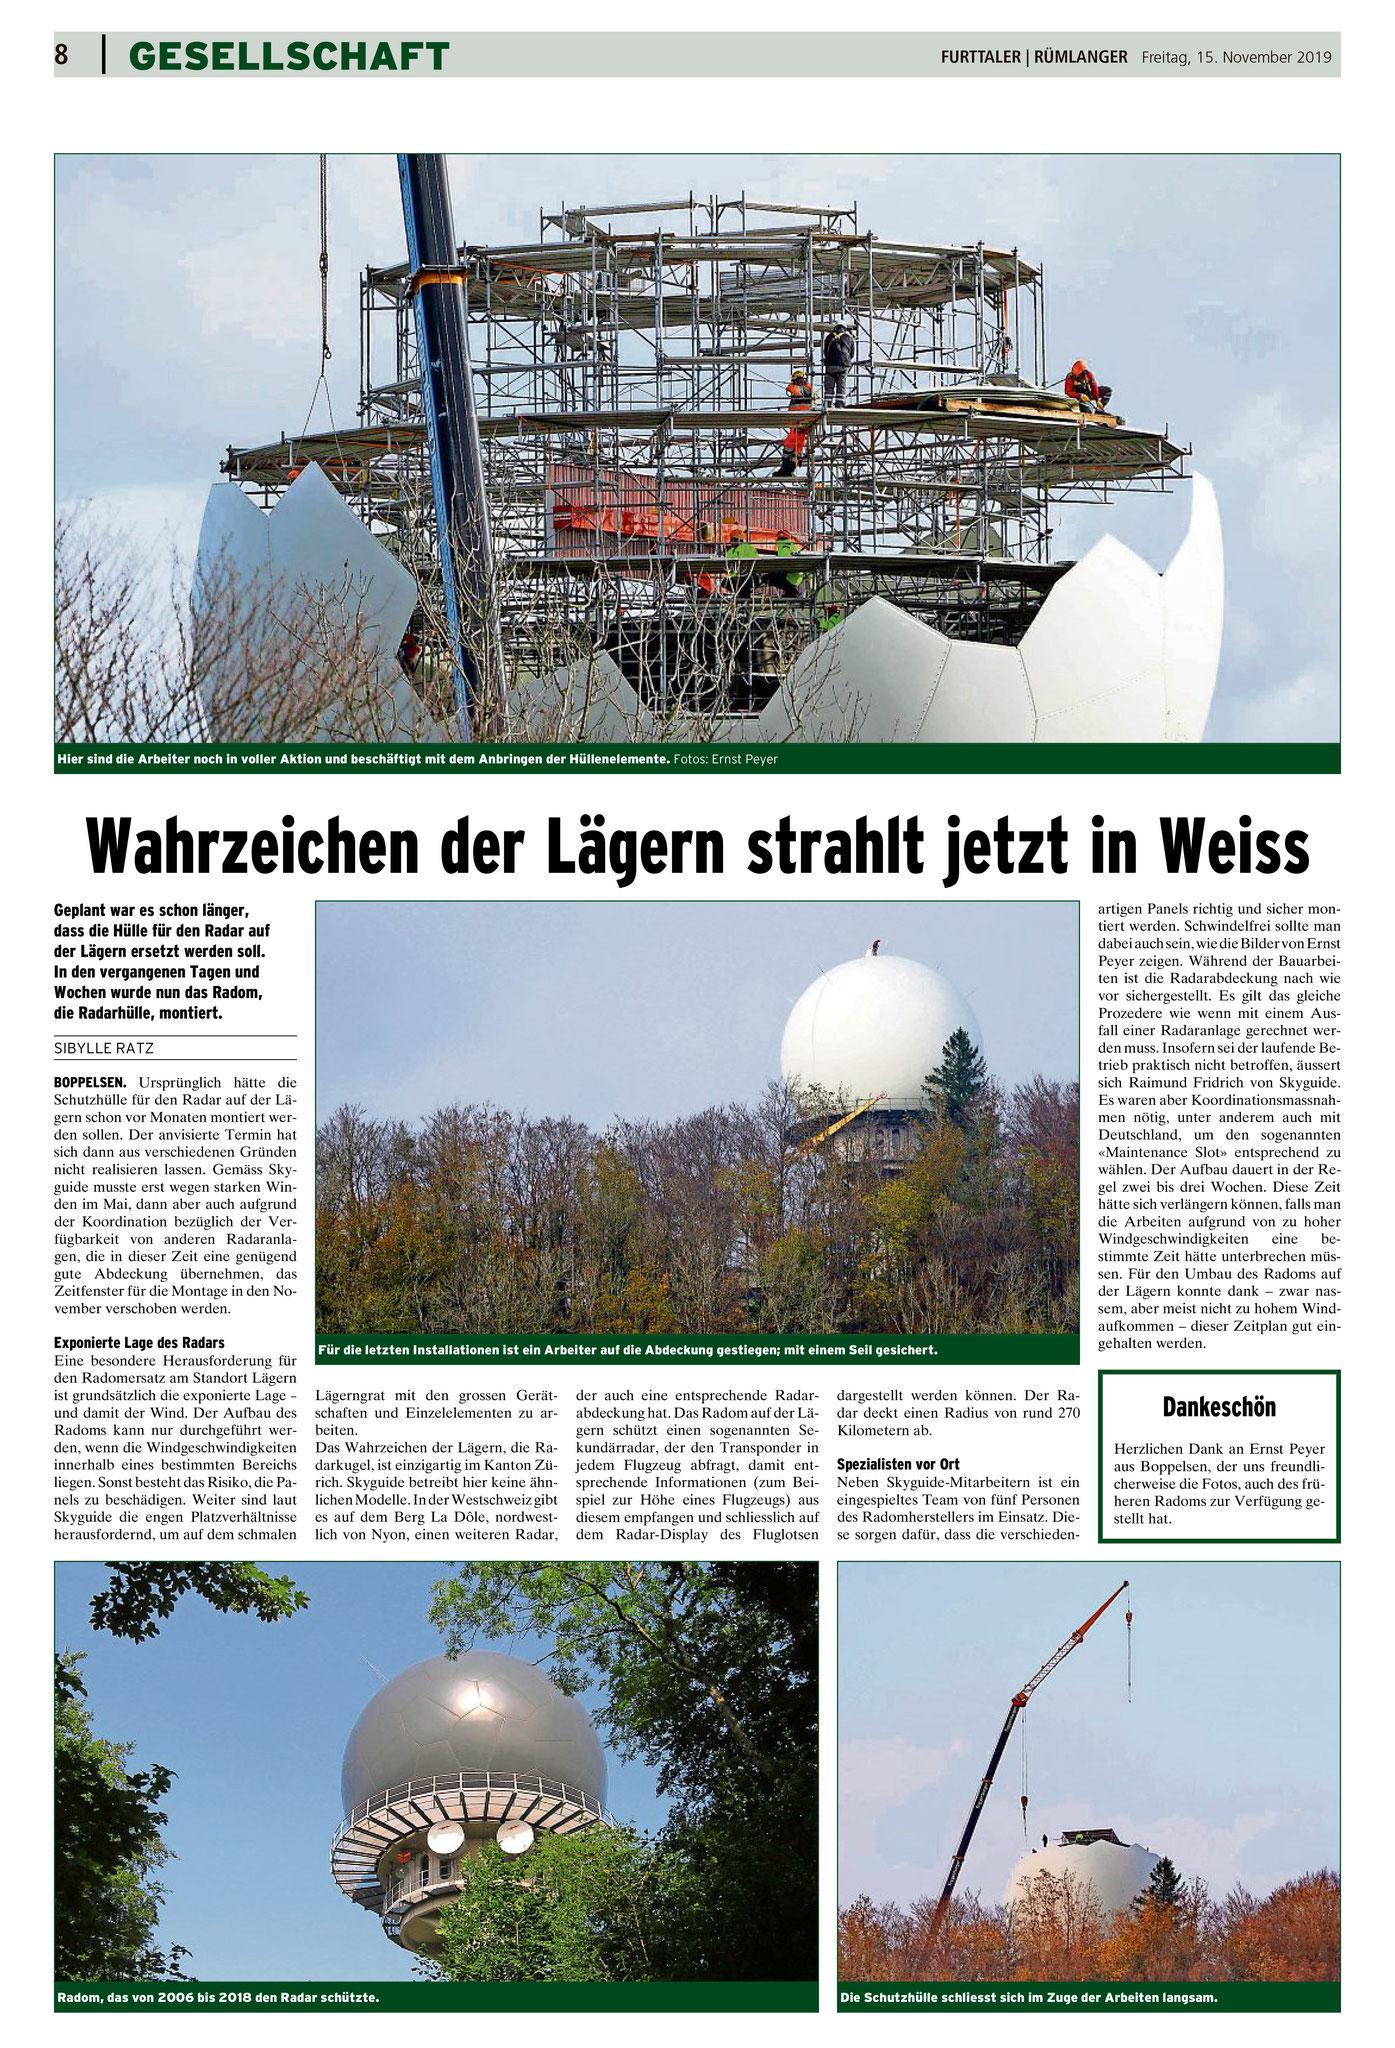 15.11.2019::Bericht im Furttaler::Fotos: Ernst Peyer